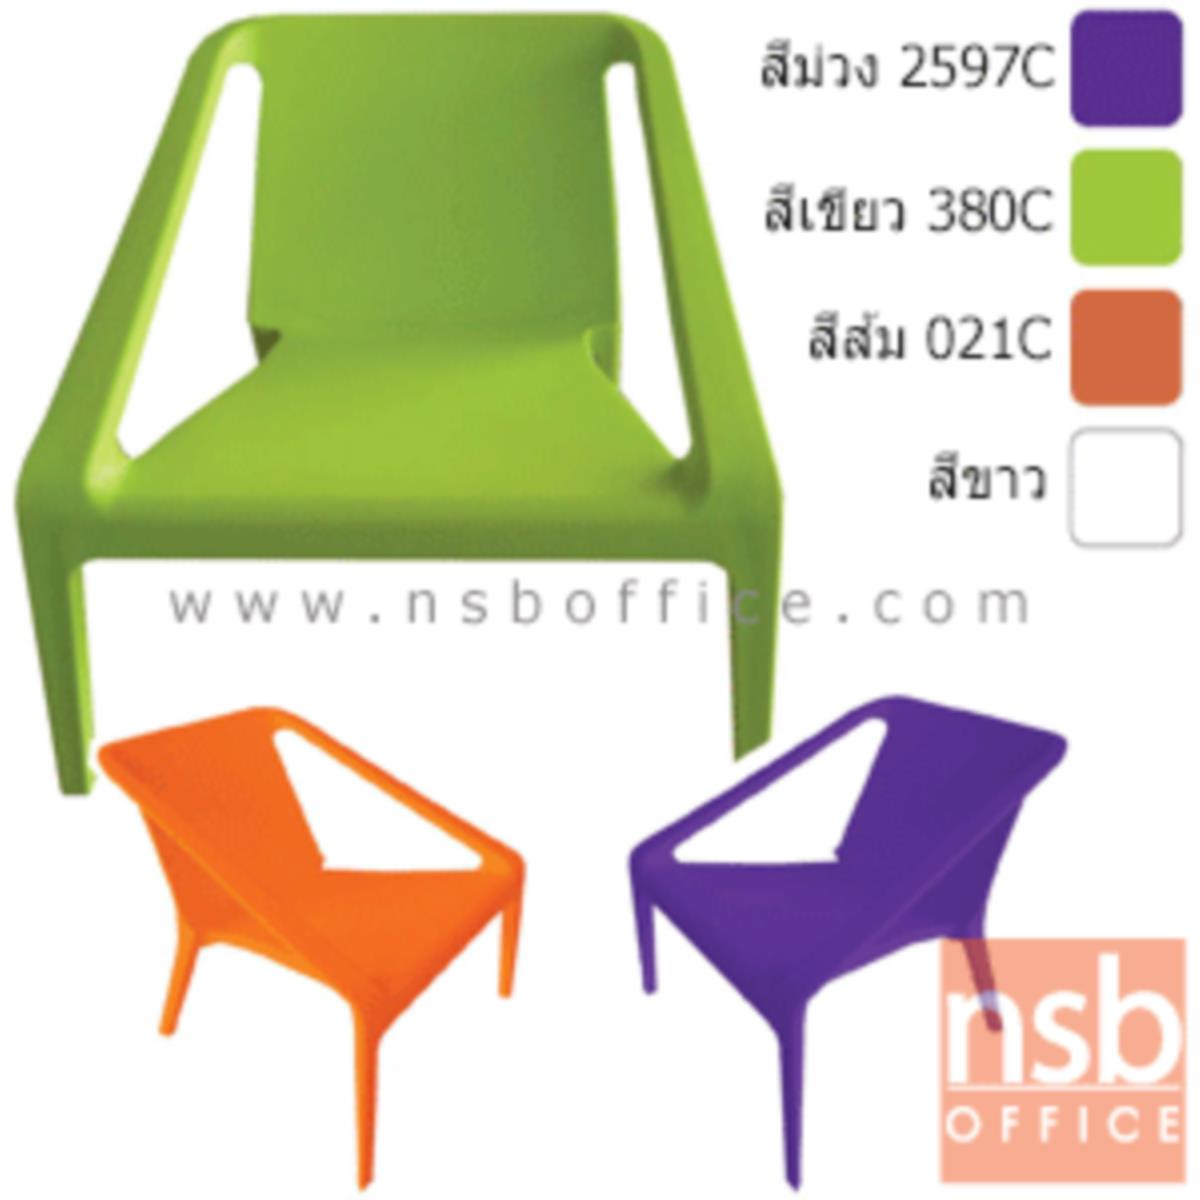 เก้าอี้โมเดิร์นพลาสติก(PP)ล้วน รุ่น Palmer (พาร์มเมอร์) ขนาด 74W cm.